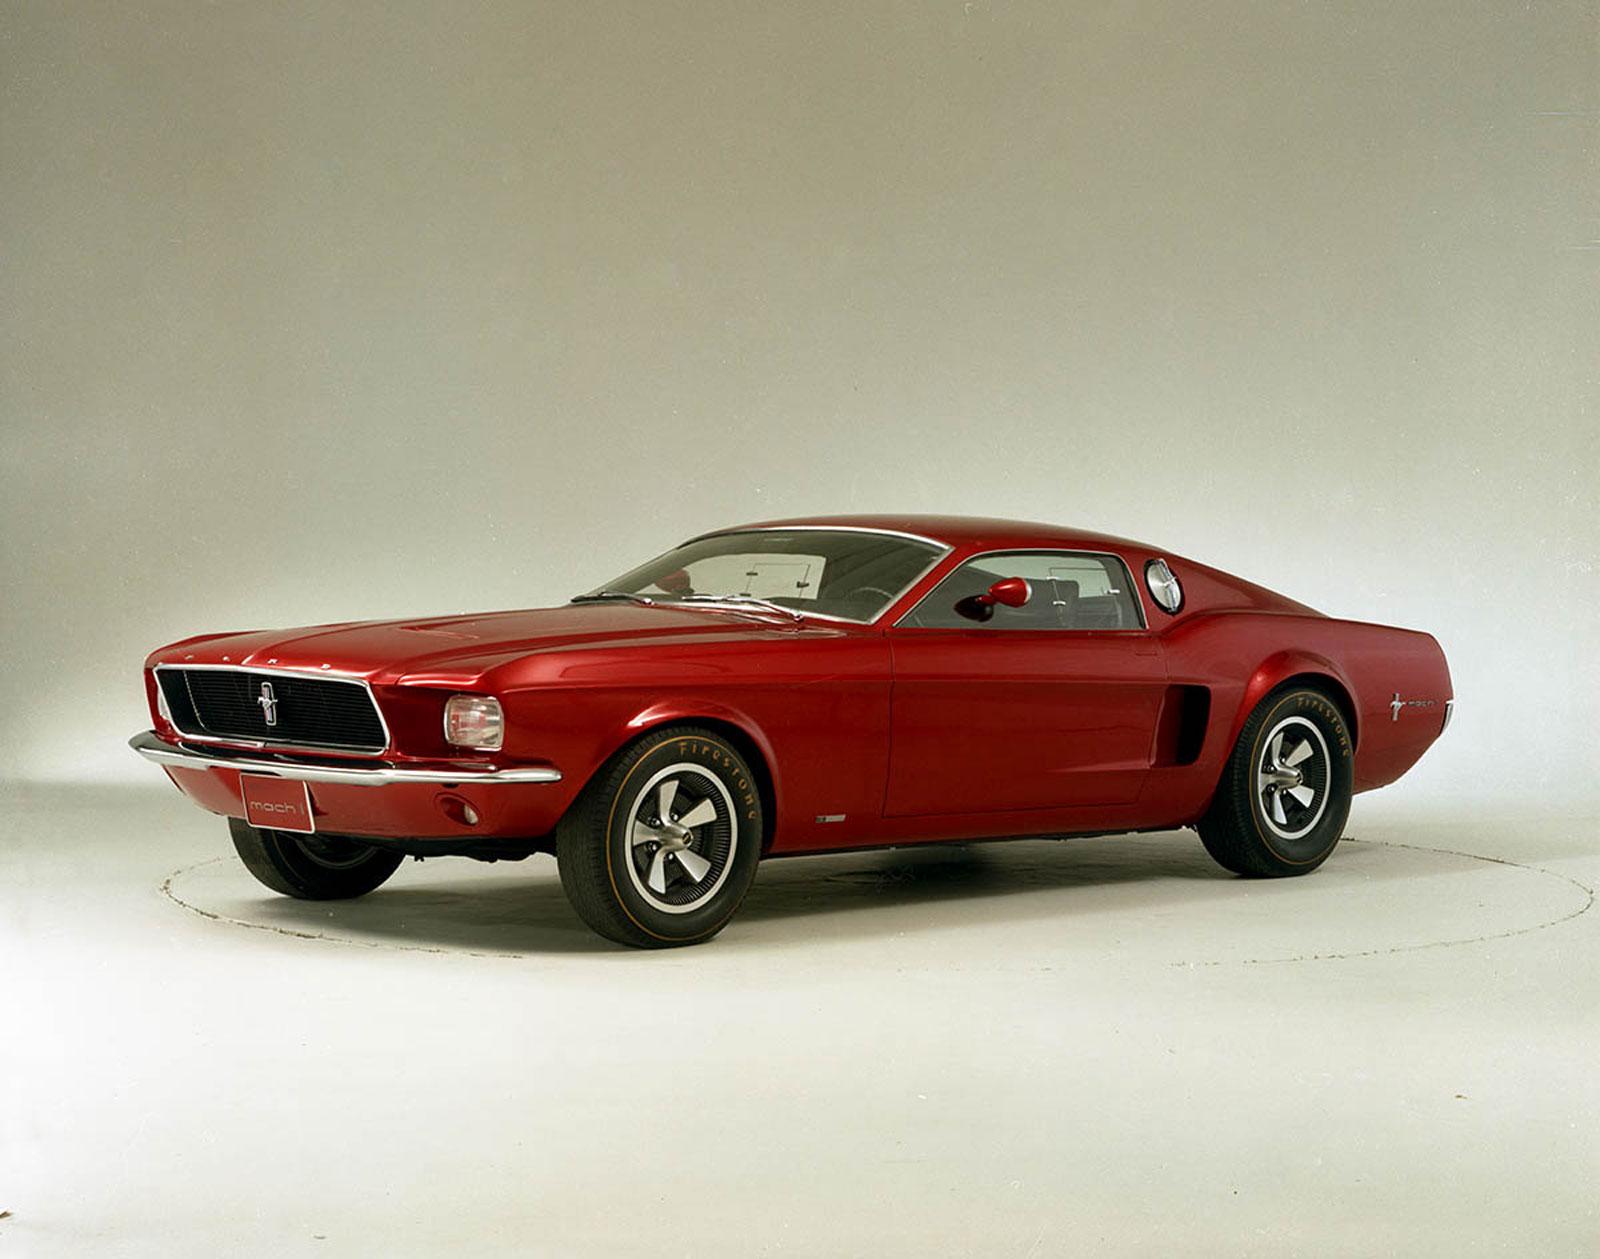 1967 Mustang Mach 1